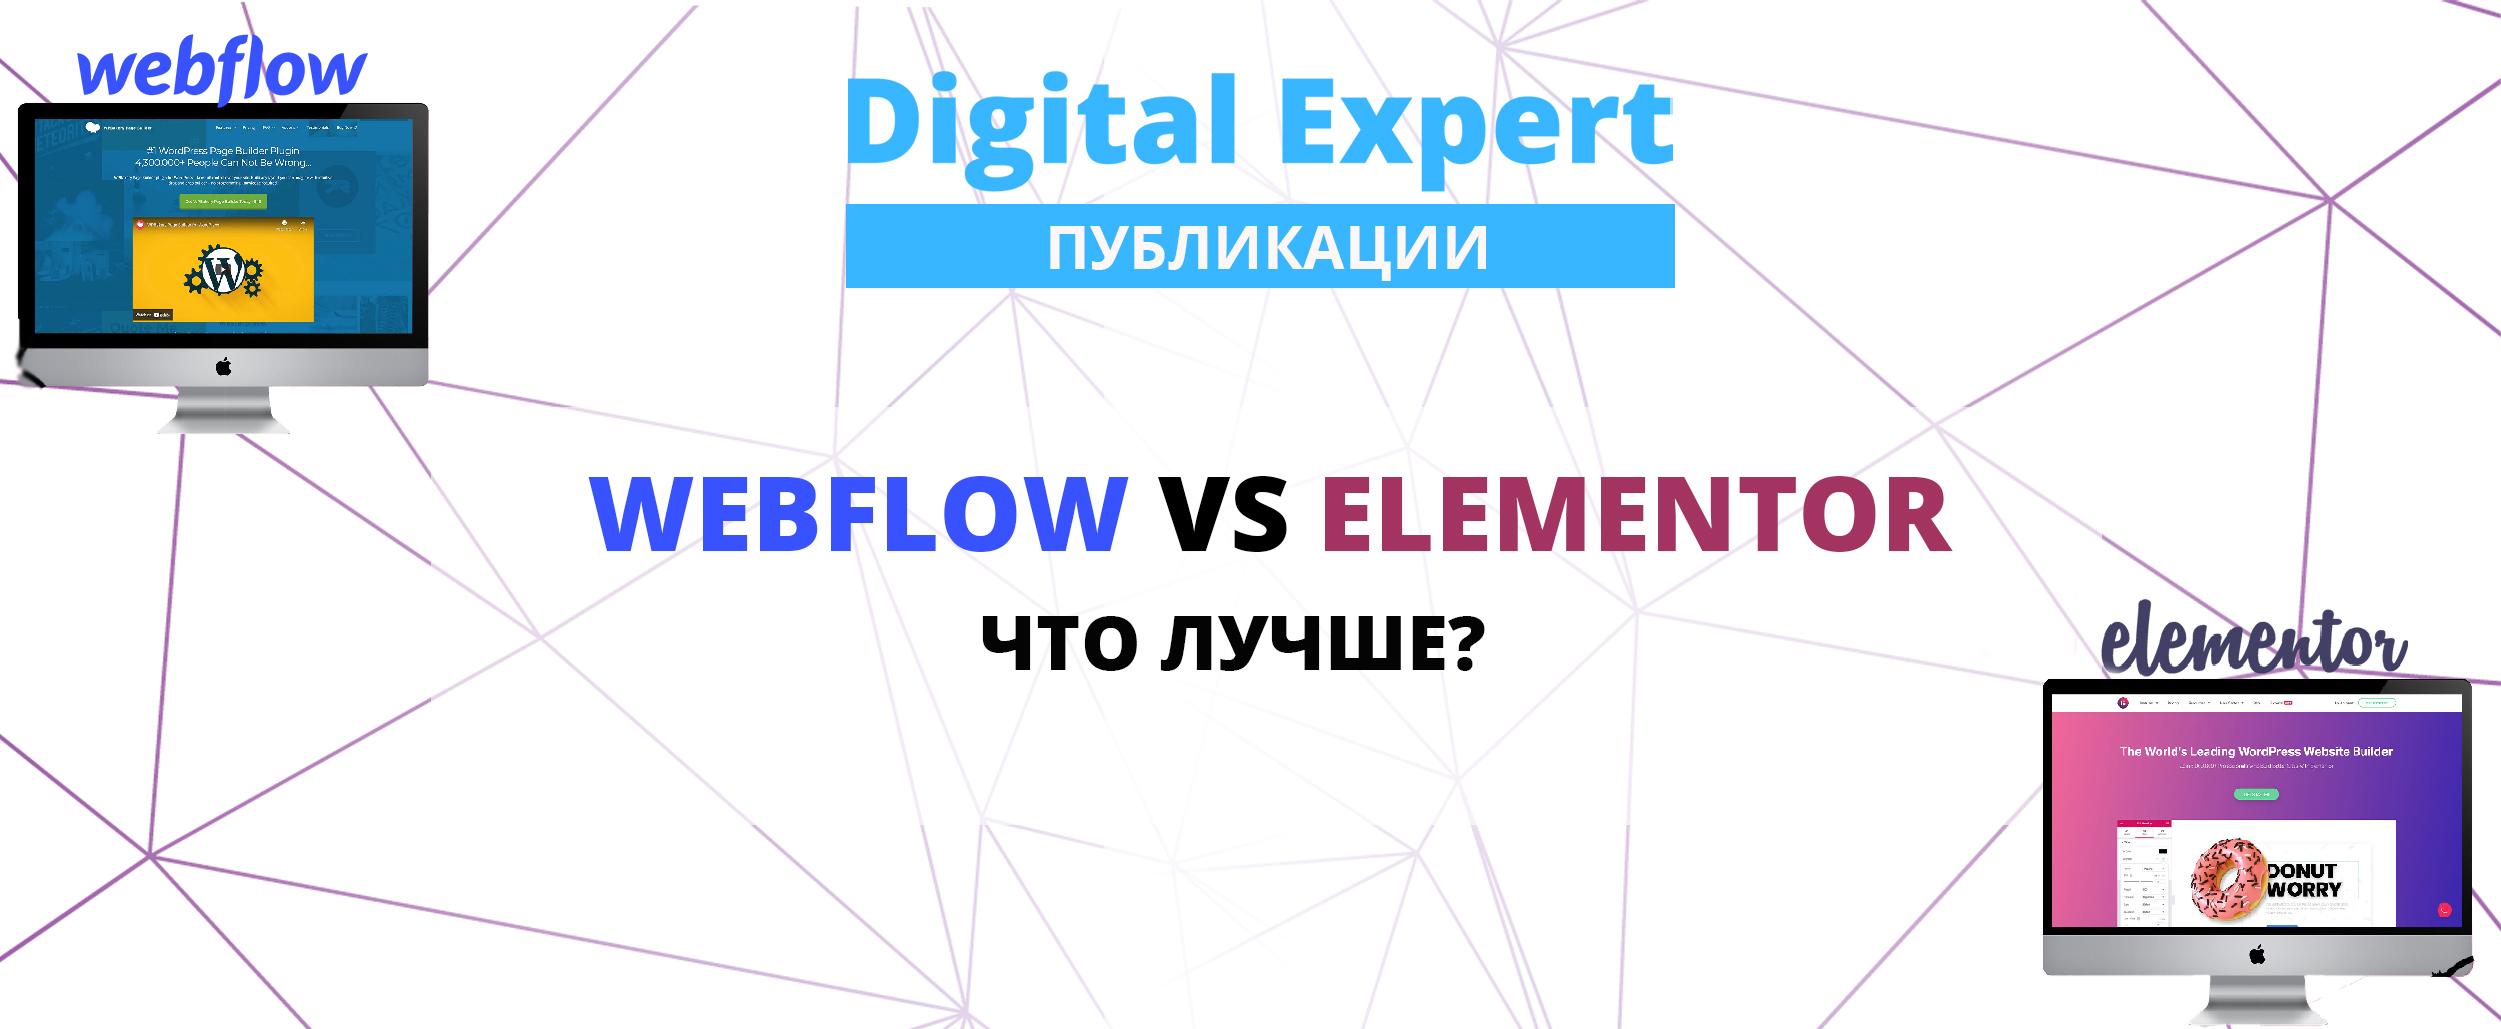 Webflow vs Elementor: что лучше?